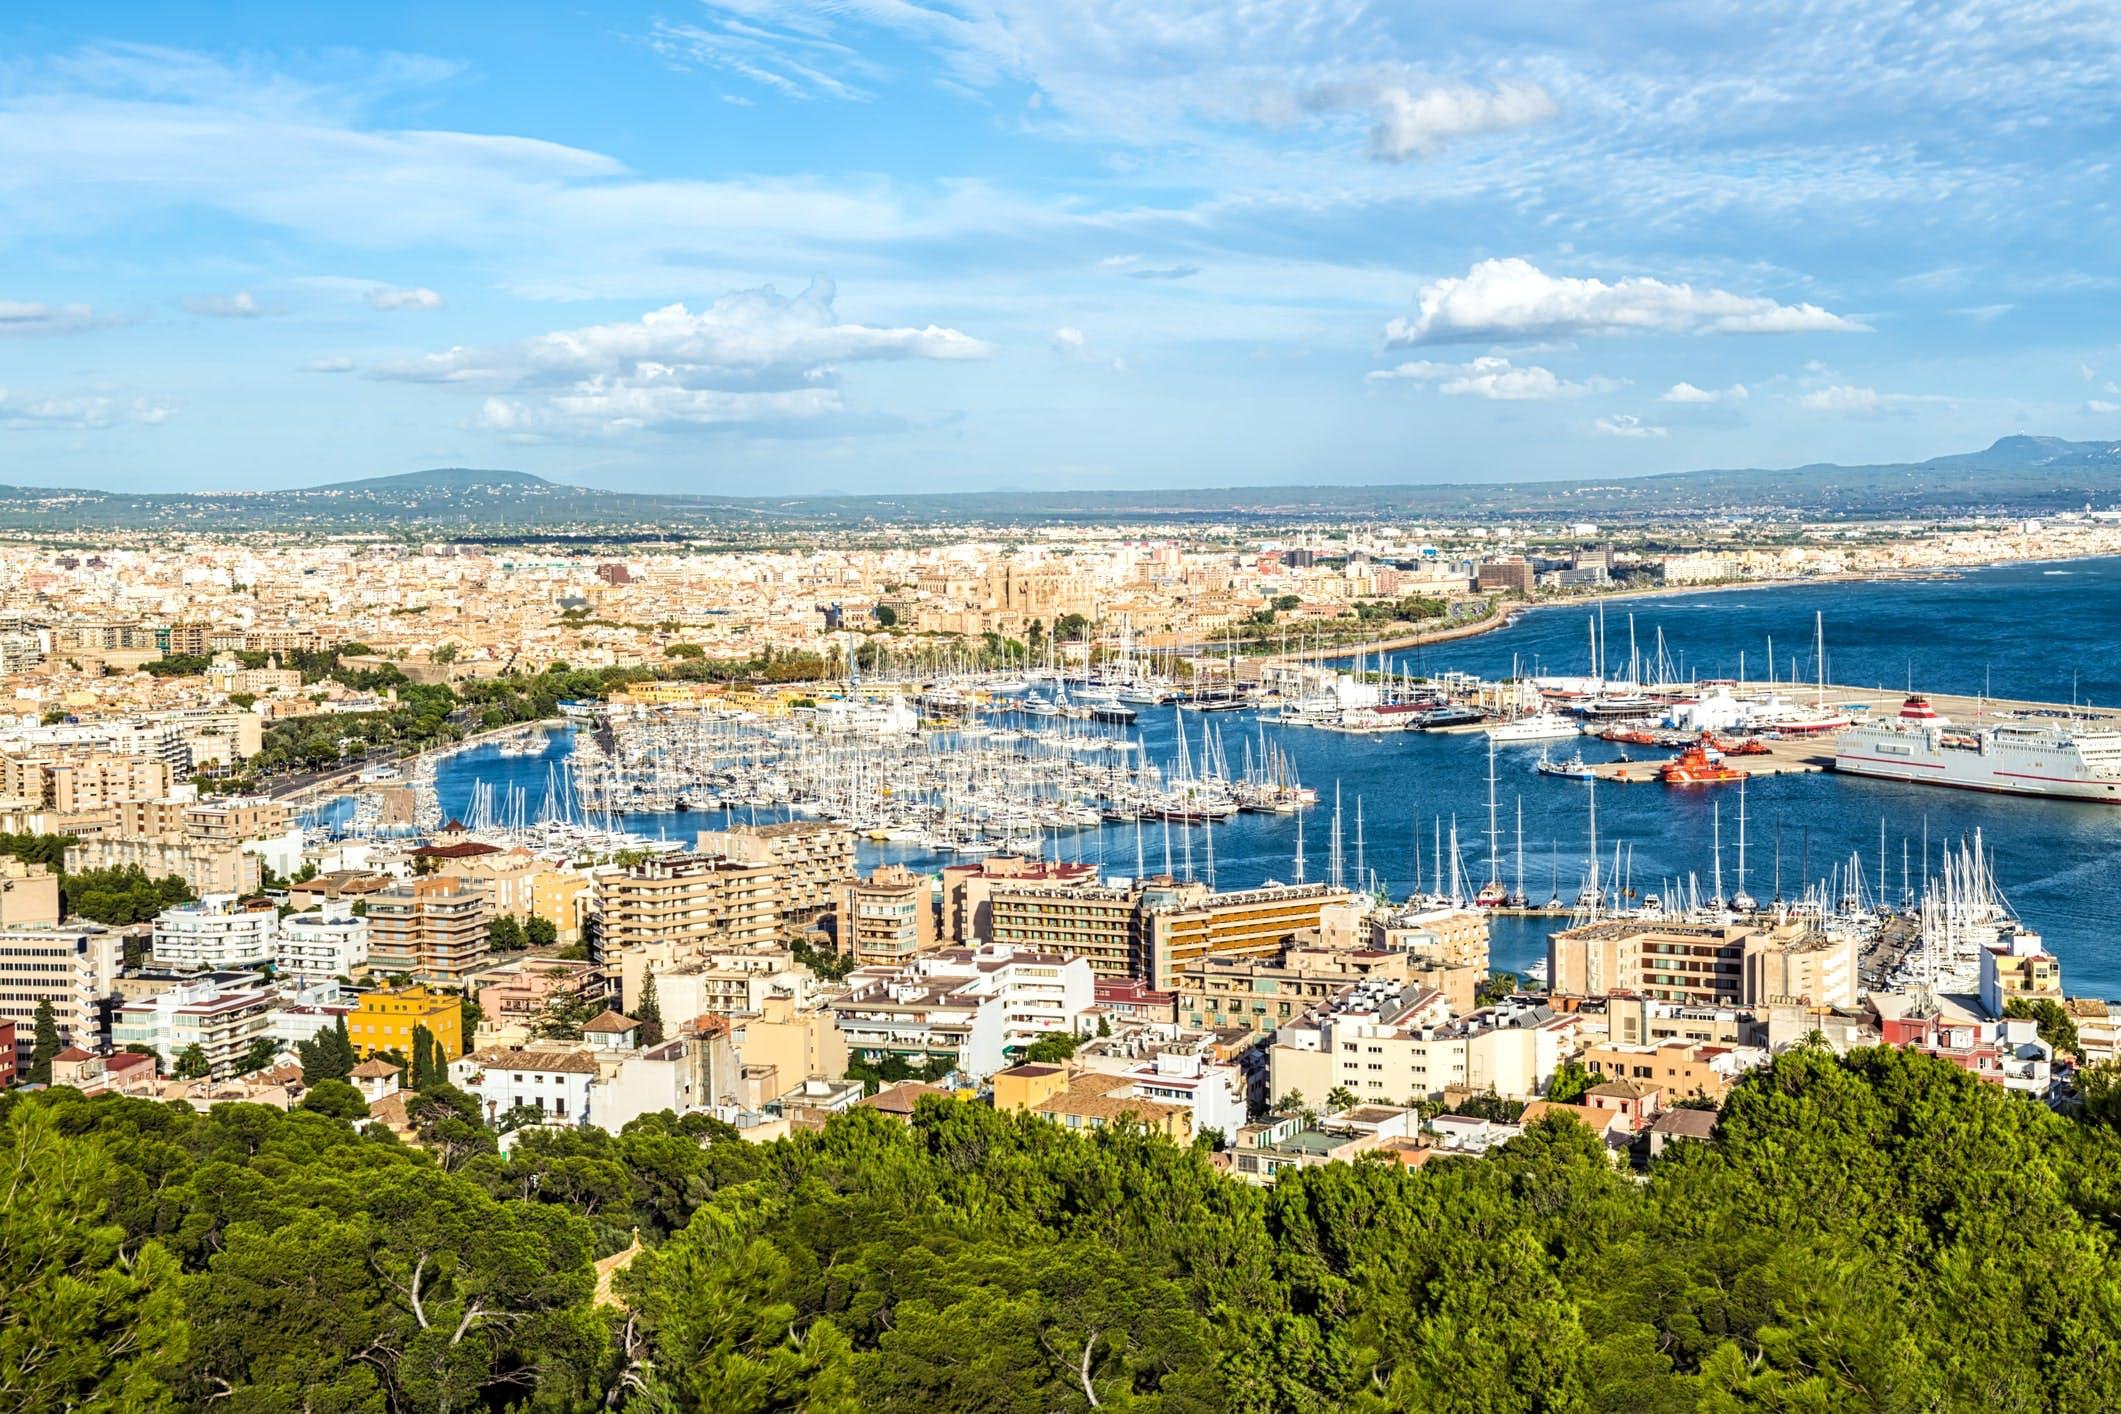 Rejseguide til Palma de Mallorca | Magasinetliv.dk